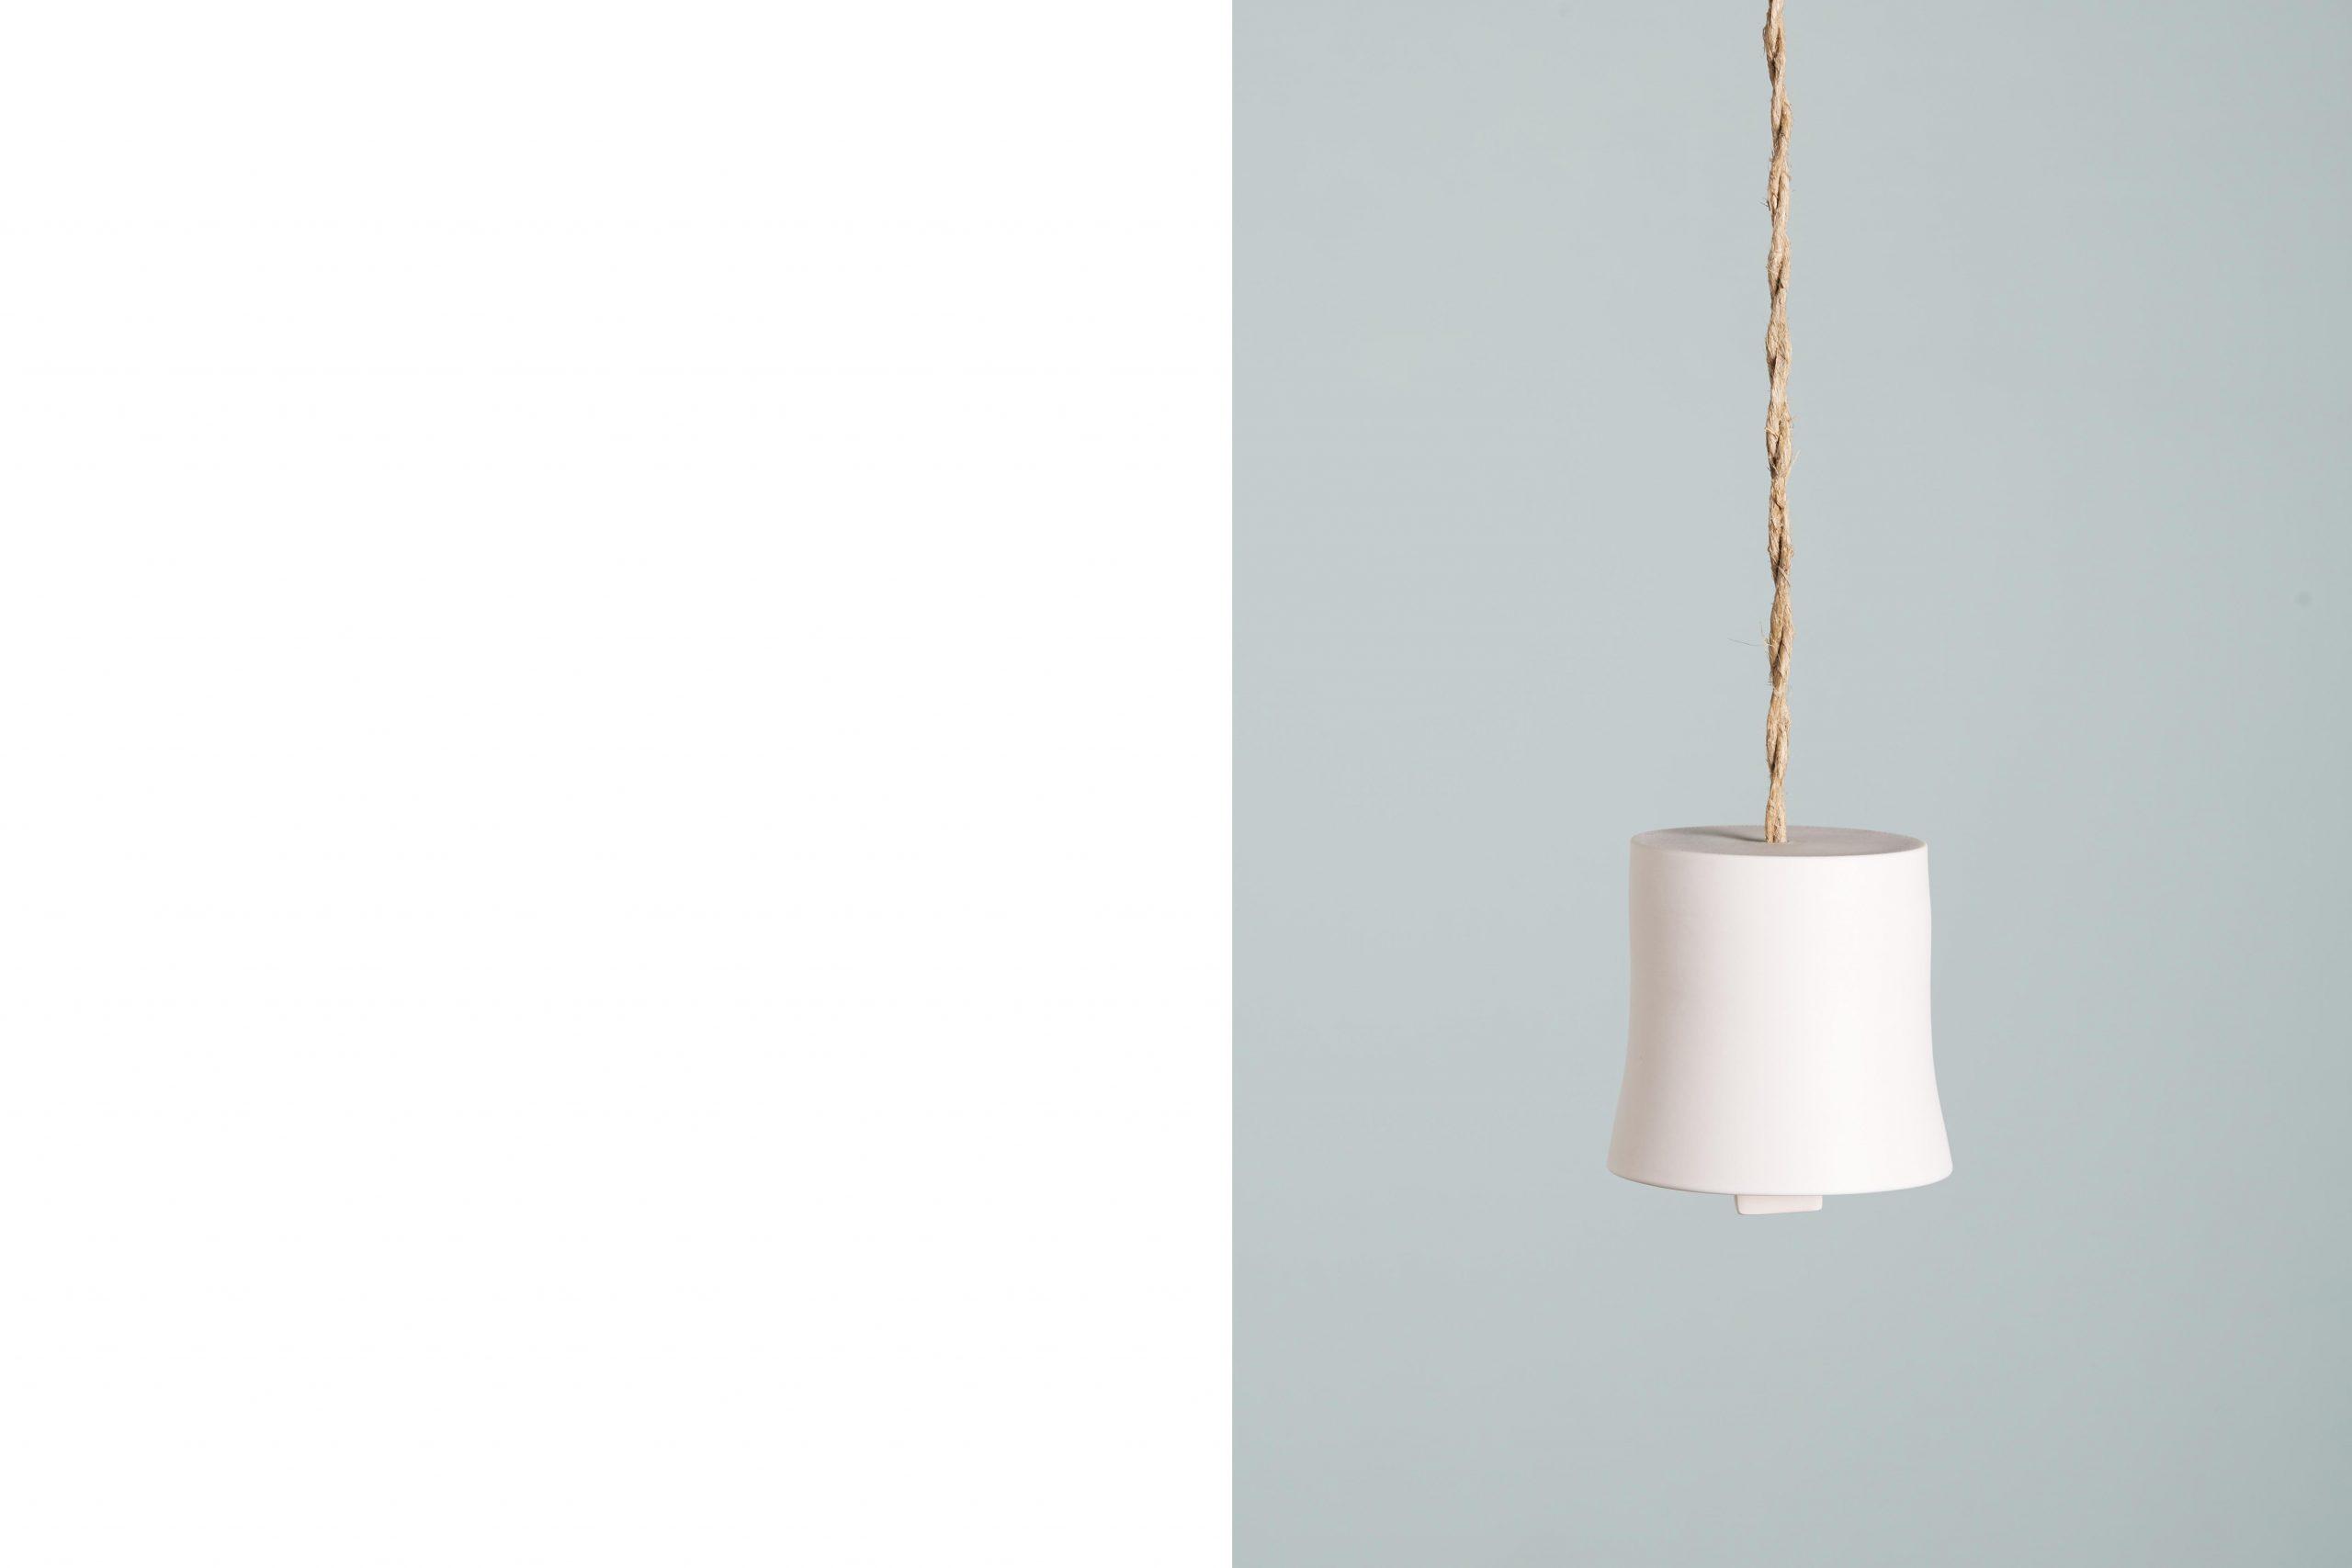 una campanella in porcellana bianca sospesa con una corda intrecciata - artigianale - Federica Ramacciotti